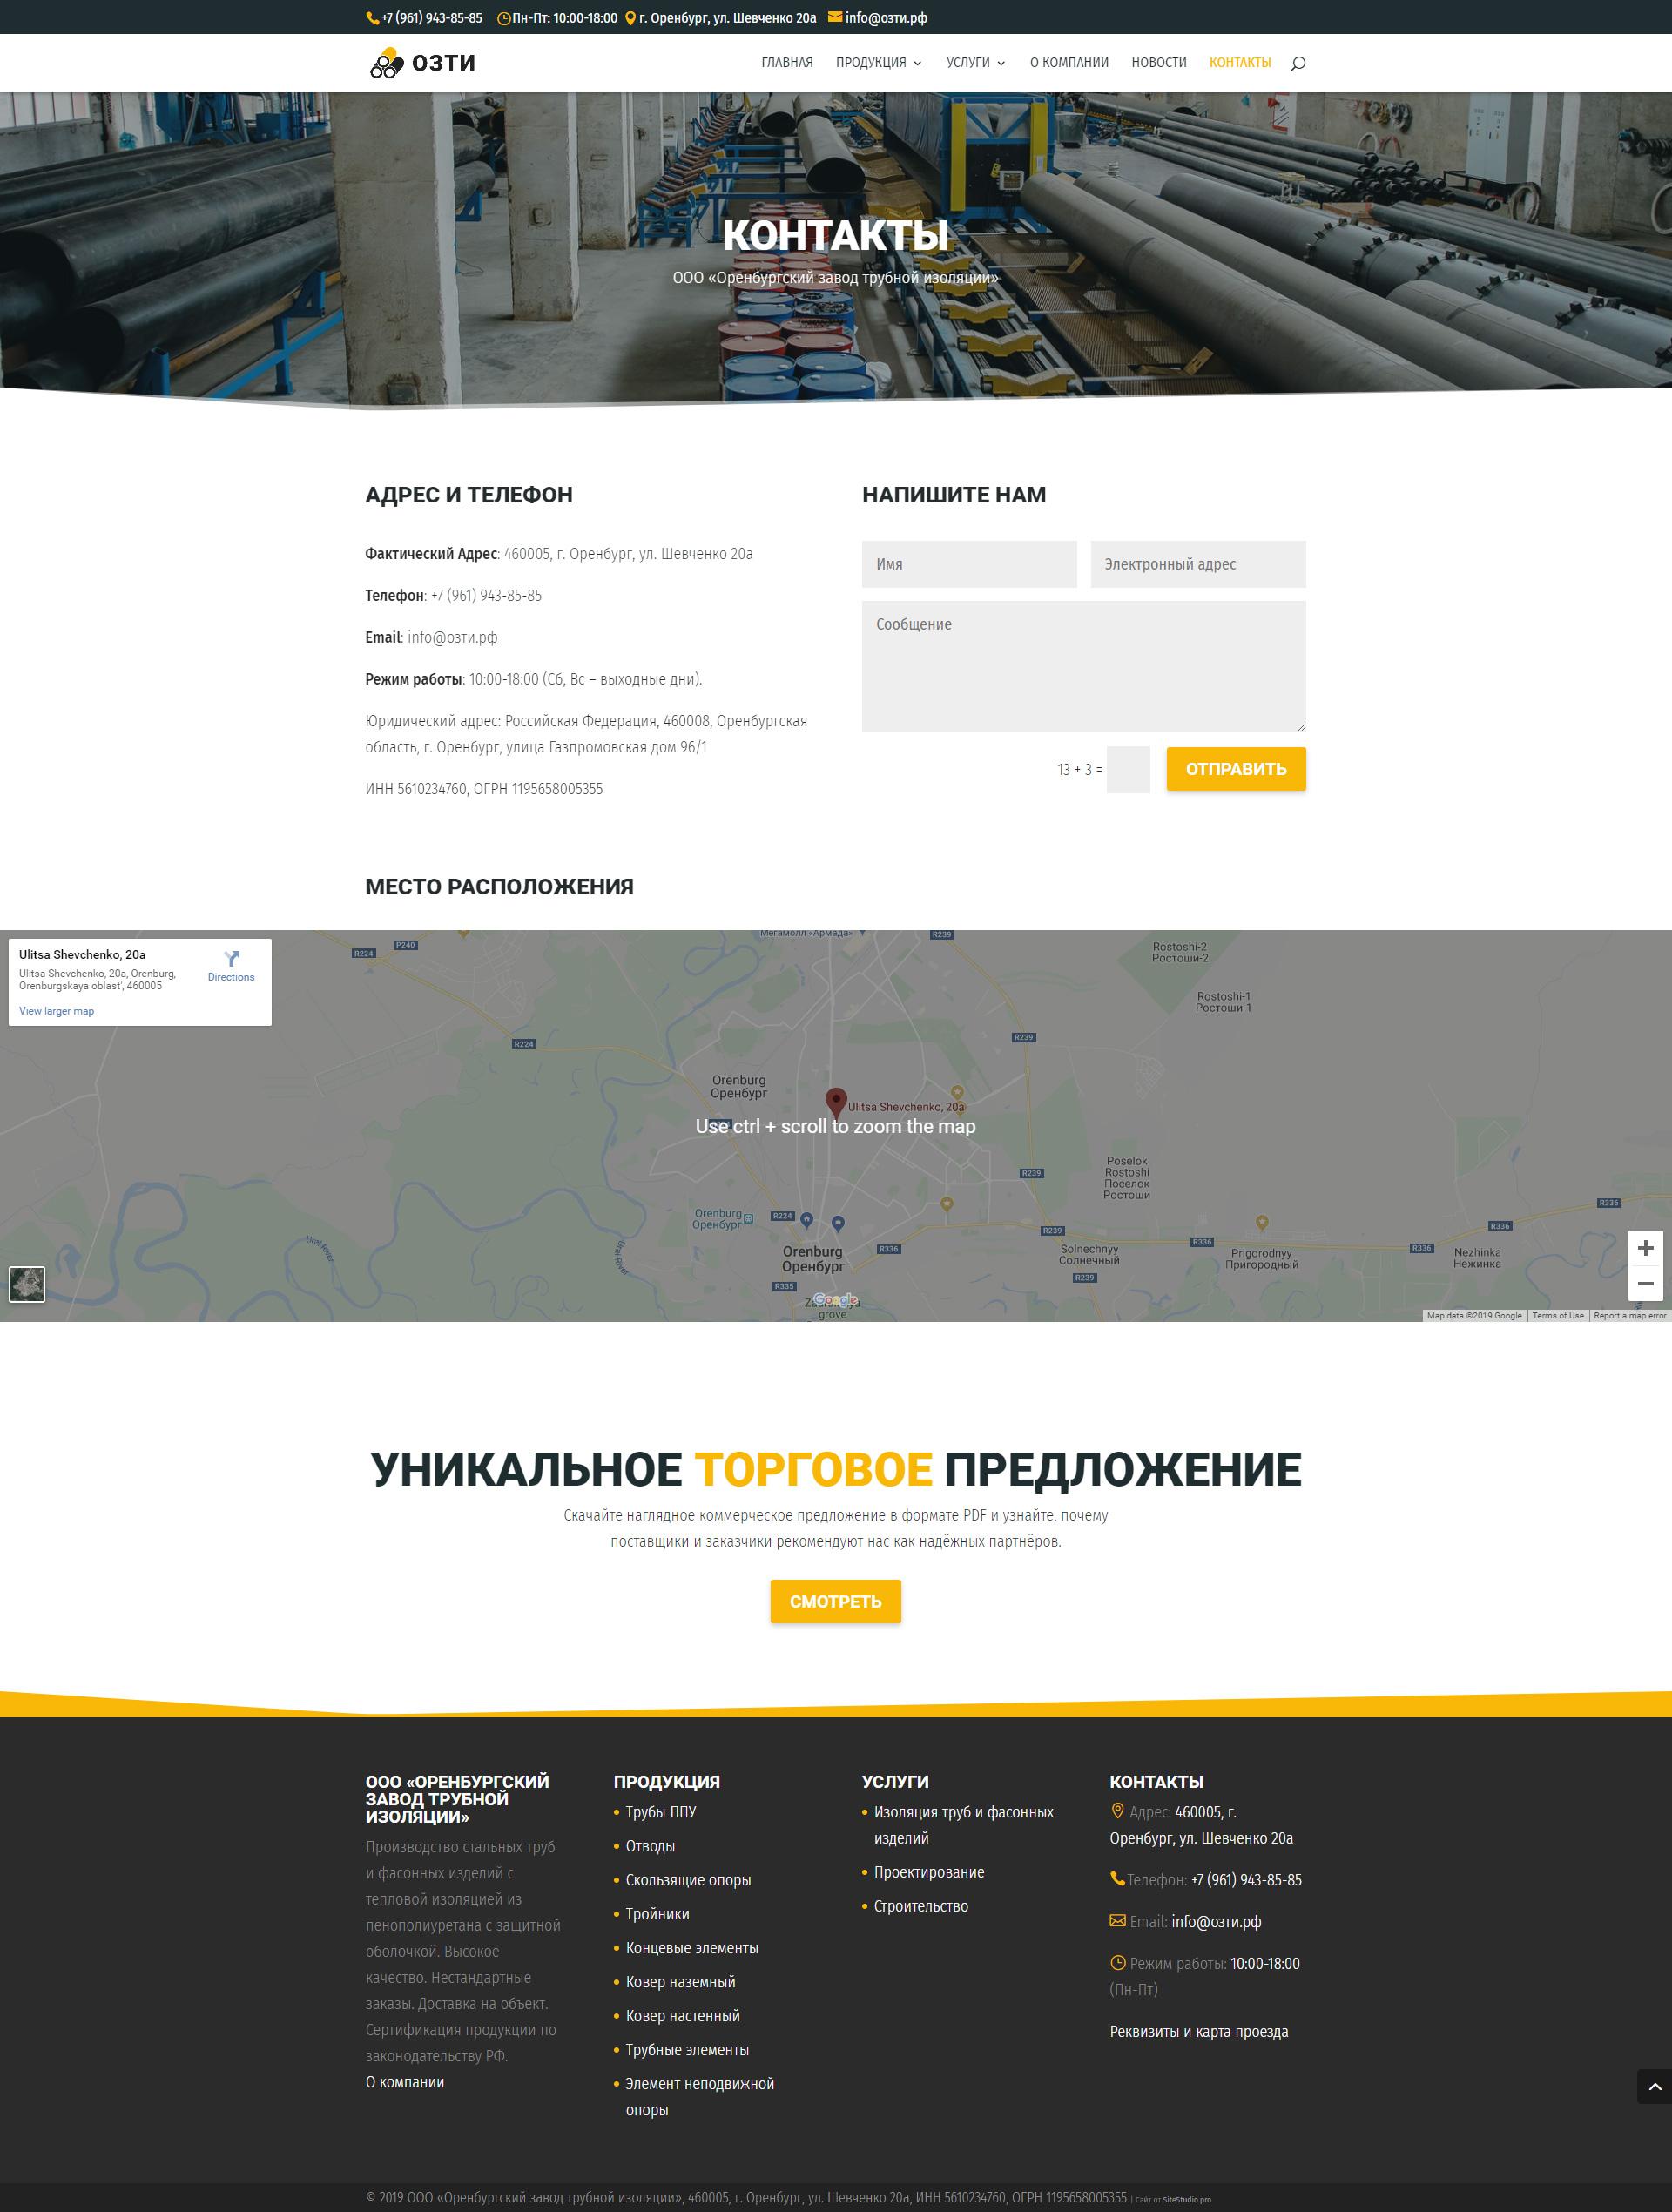 Создание-сайта-ОЗТИ.рф-SiteStudio.pro (2)